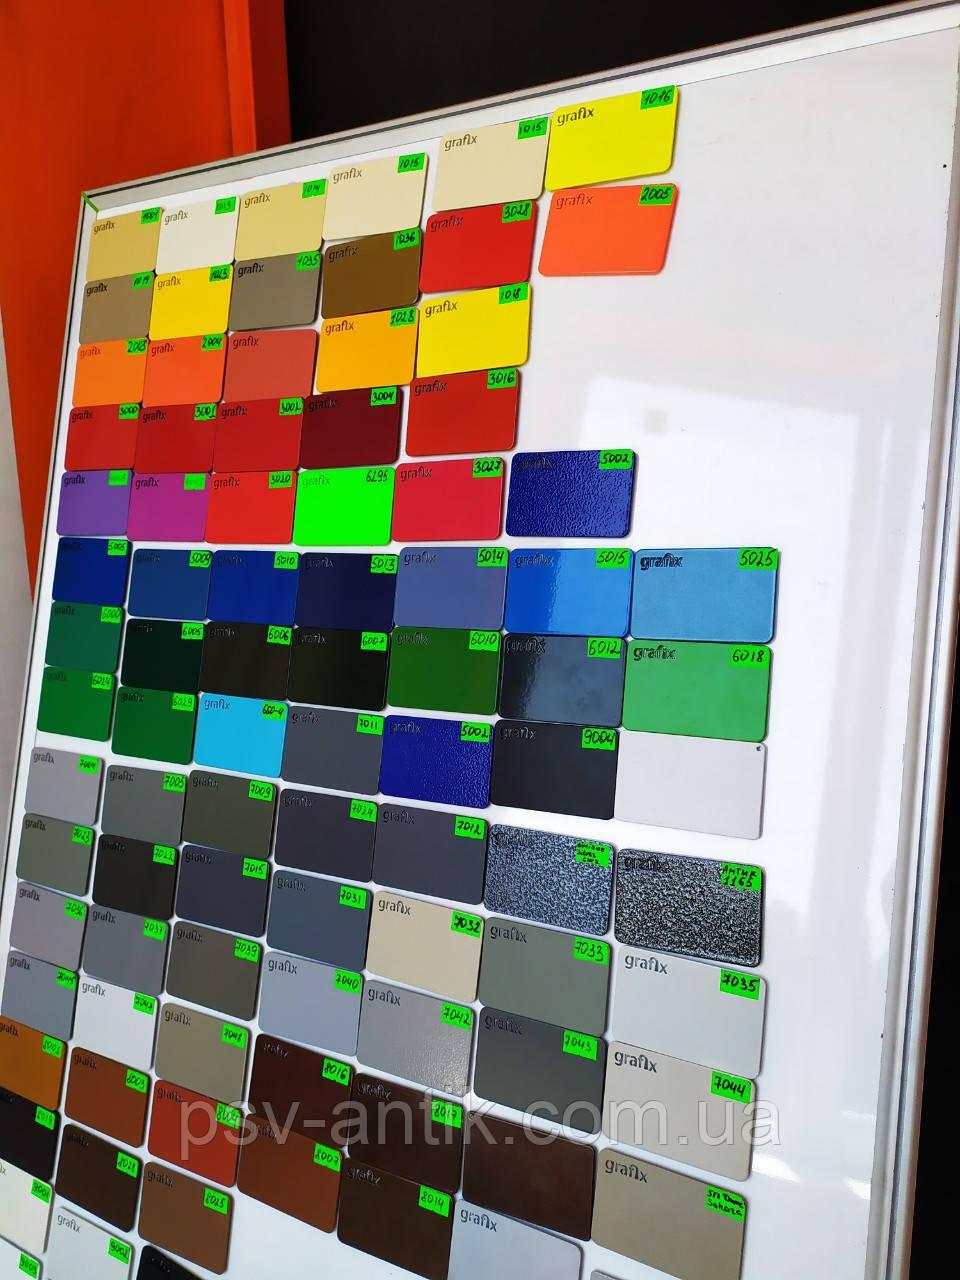 Порошковая краска полу-глянцевая, полиэфирная, архитектурная, 8019